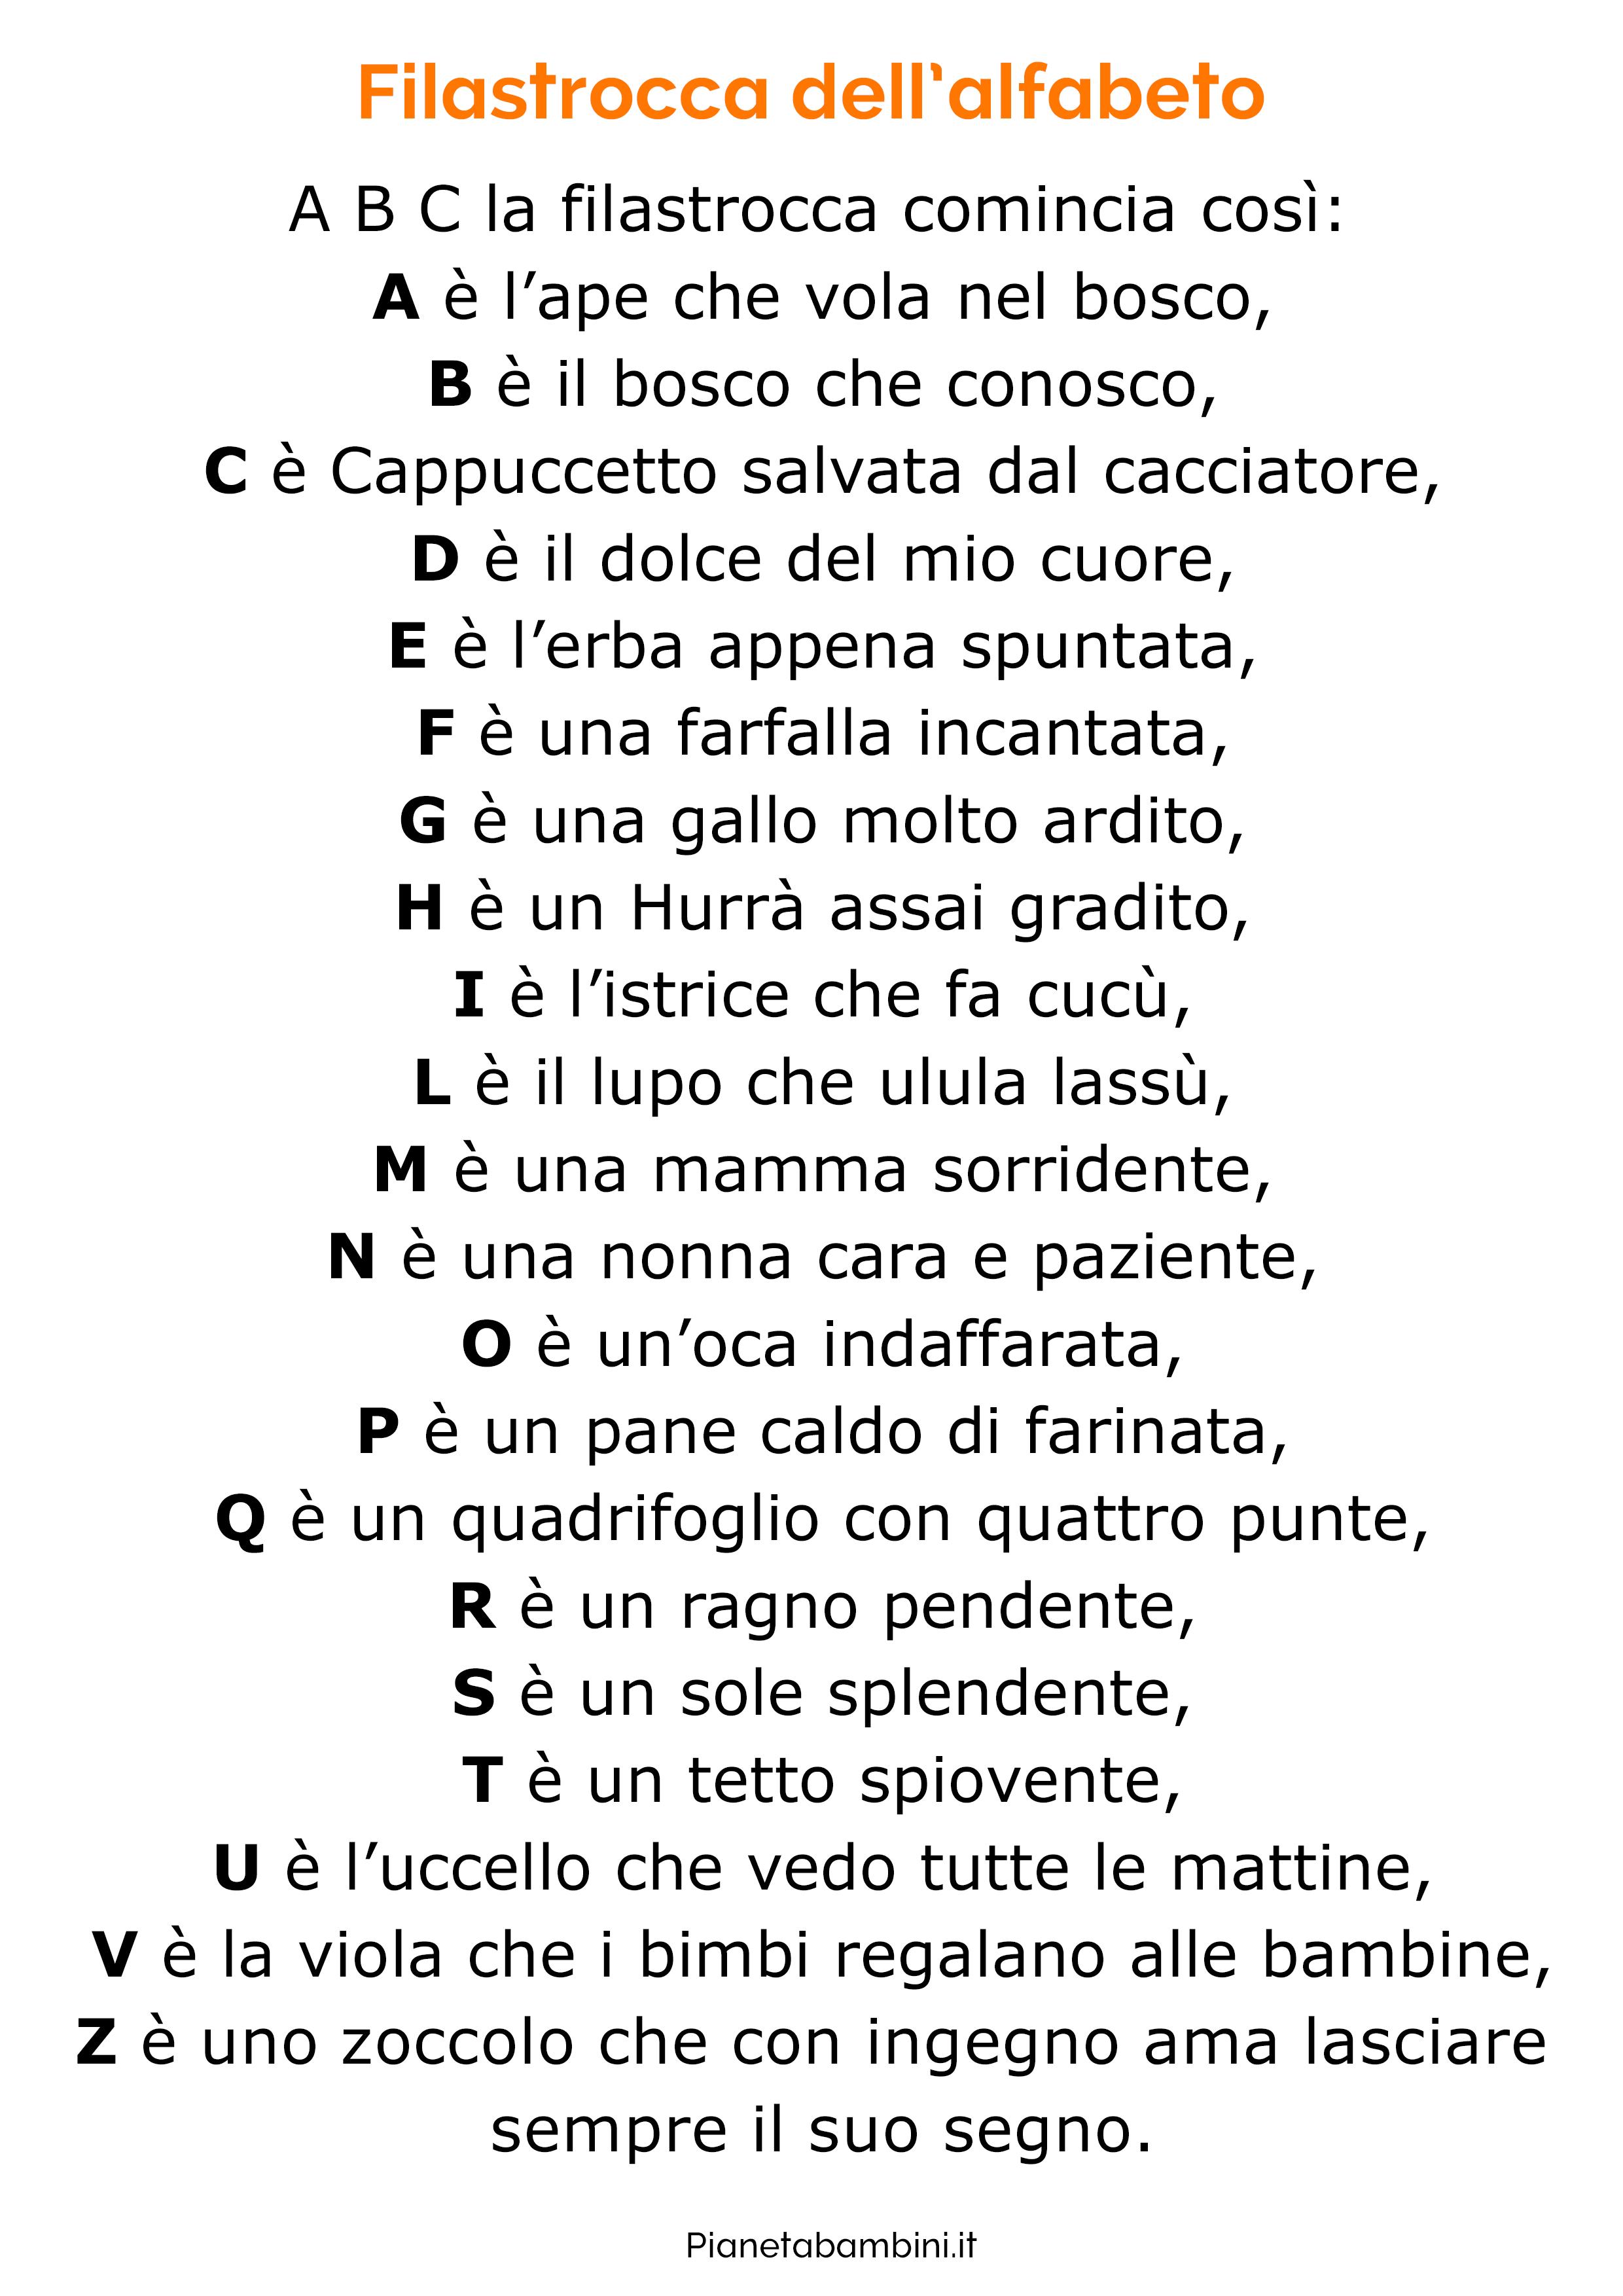 Filastrocca sull'alfabeto 5